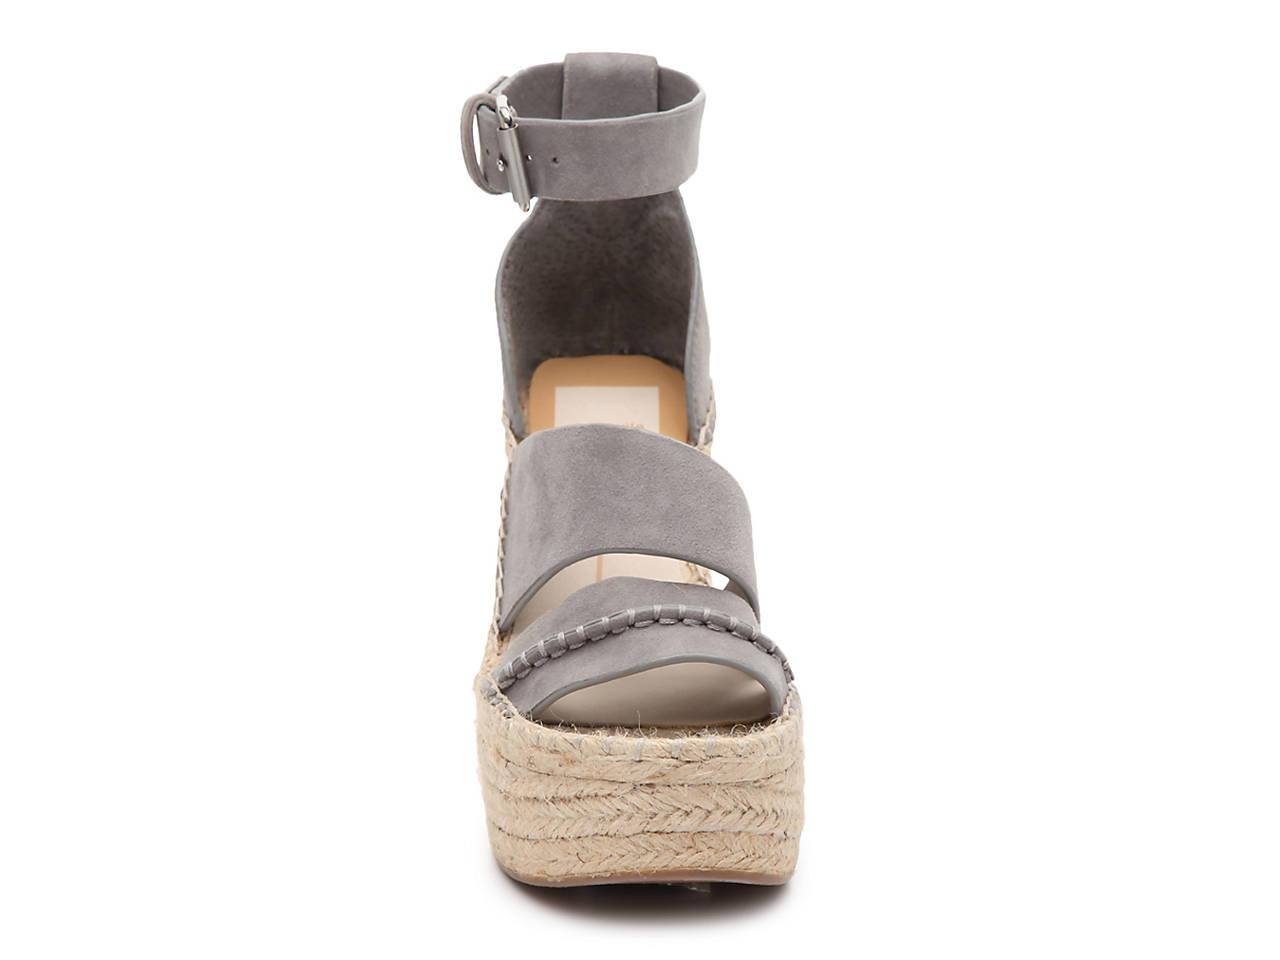 f0b0e89e8bc1 Dolce Vita Simi Espadrille Wedge Sandal Women s Shoes